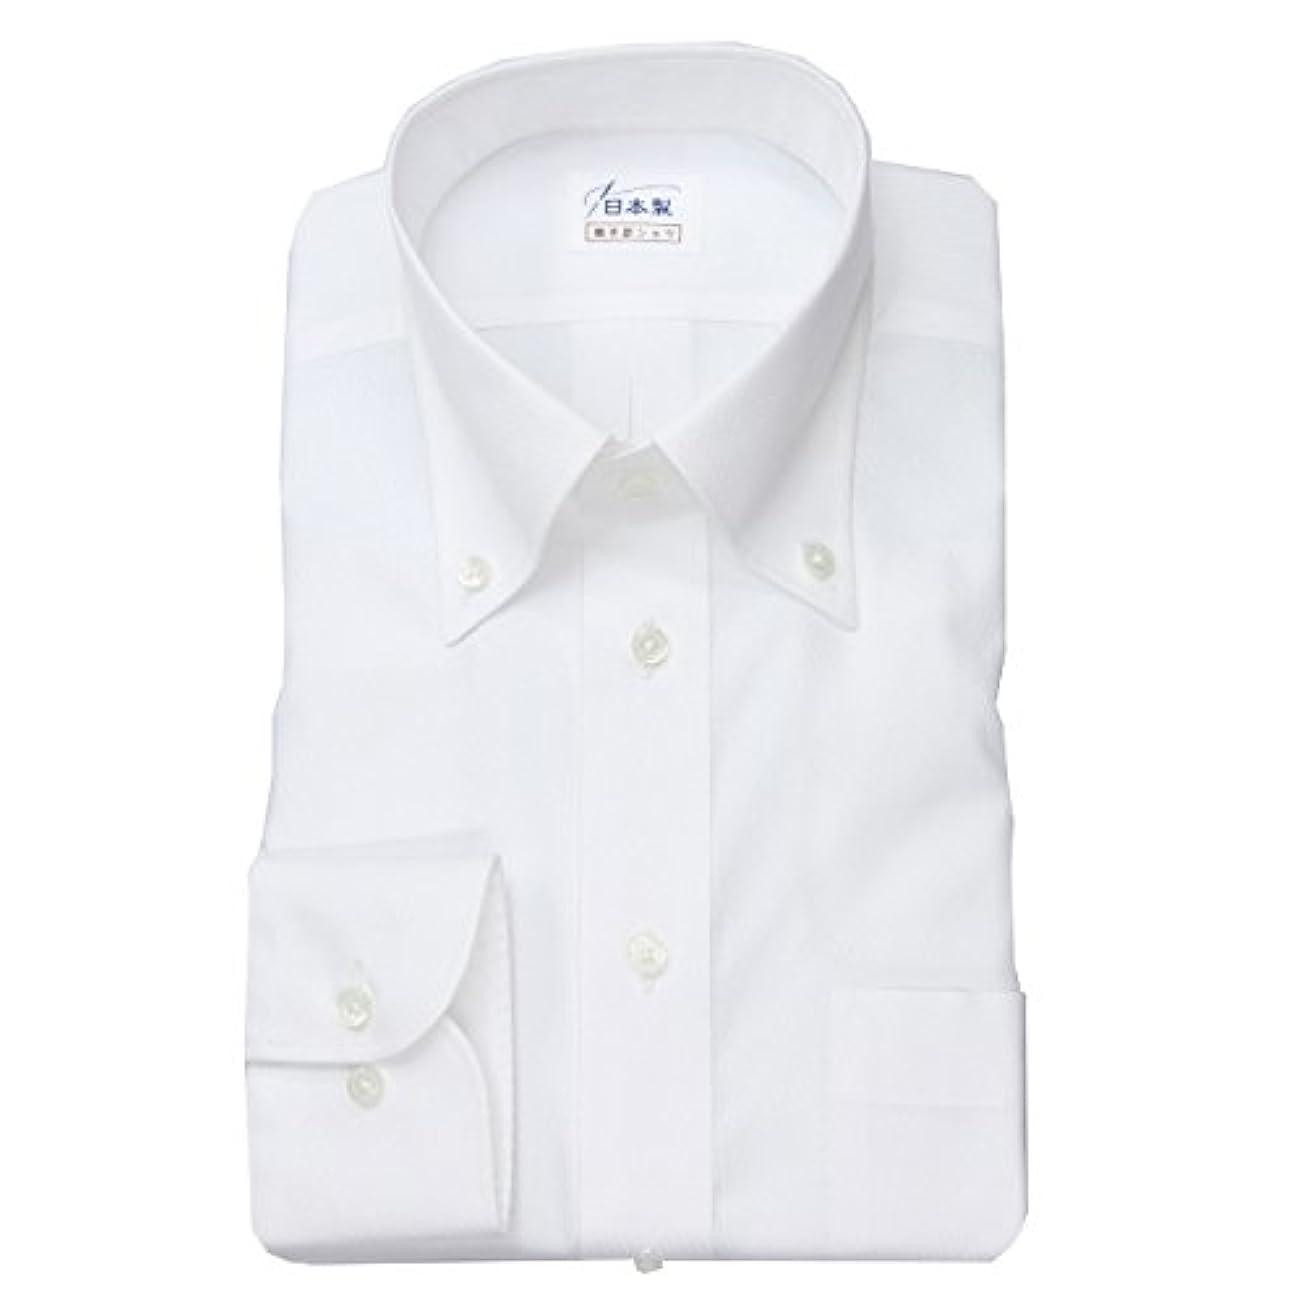 つま先ルーム適度にワイシャツ メンズ長袖(形態安定シャツ)ボタンダウン ホワイトドビーカルゼ 綿ポリ混 軽井沢シャツ [A10KZB429]